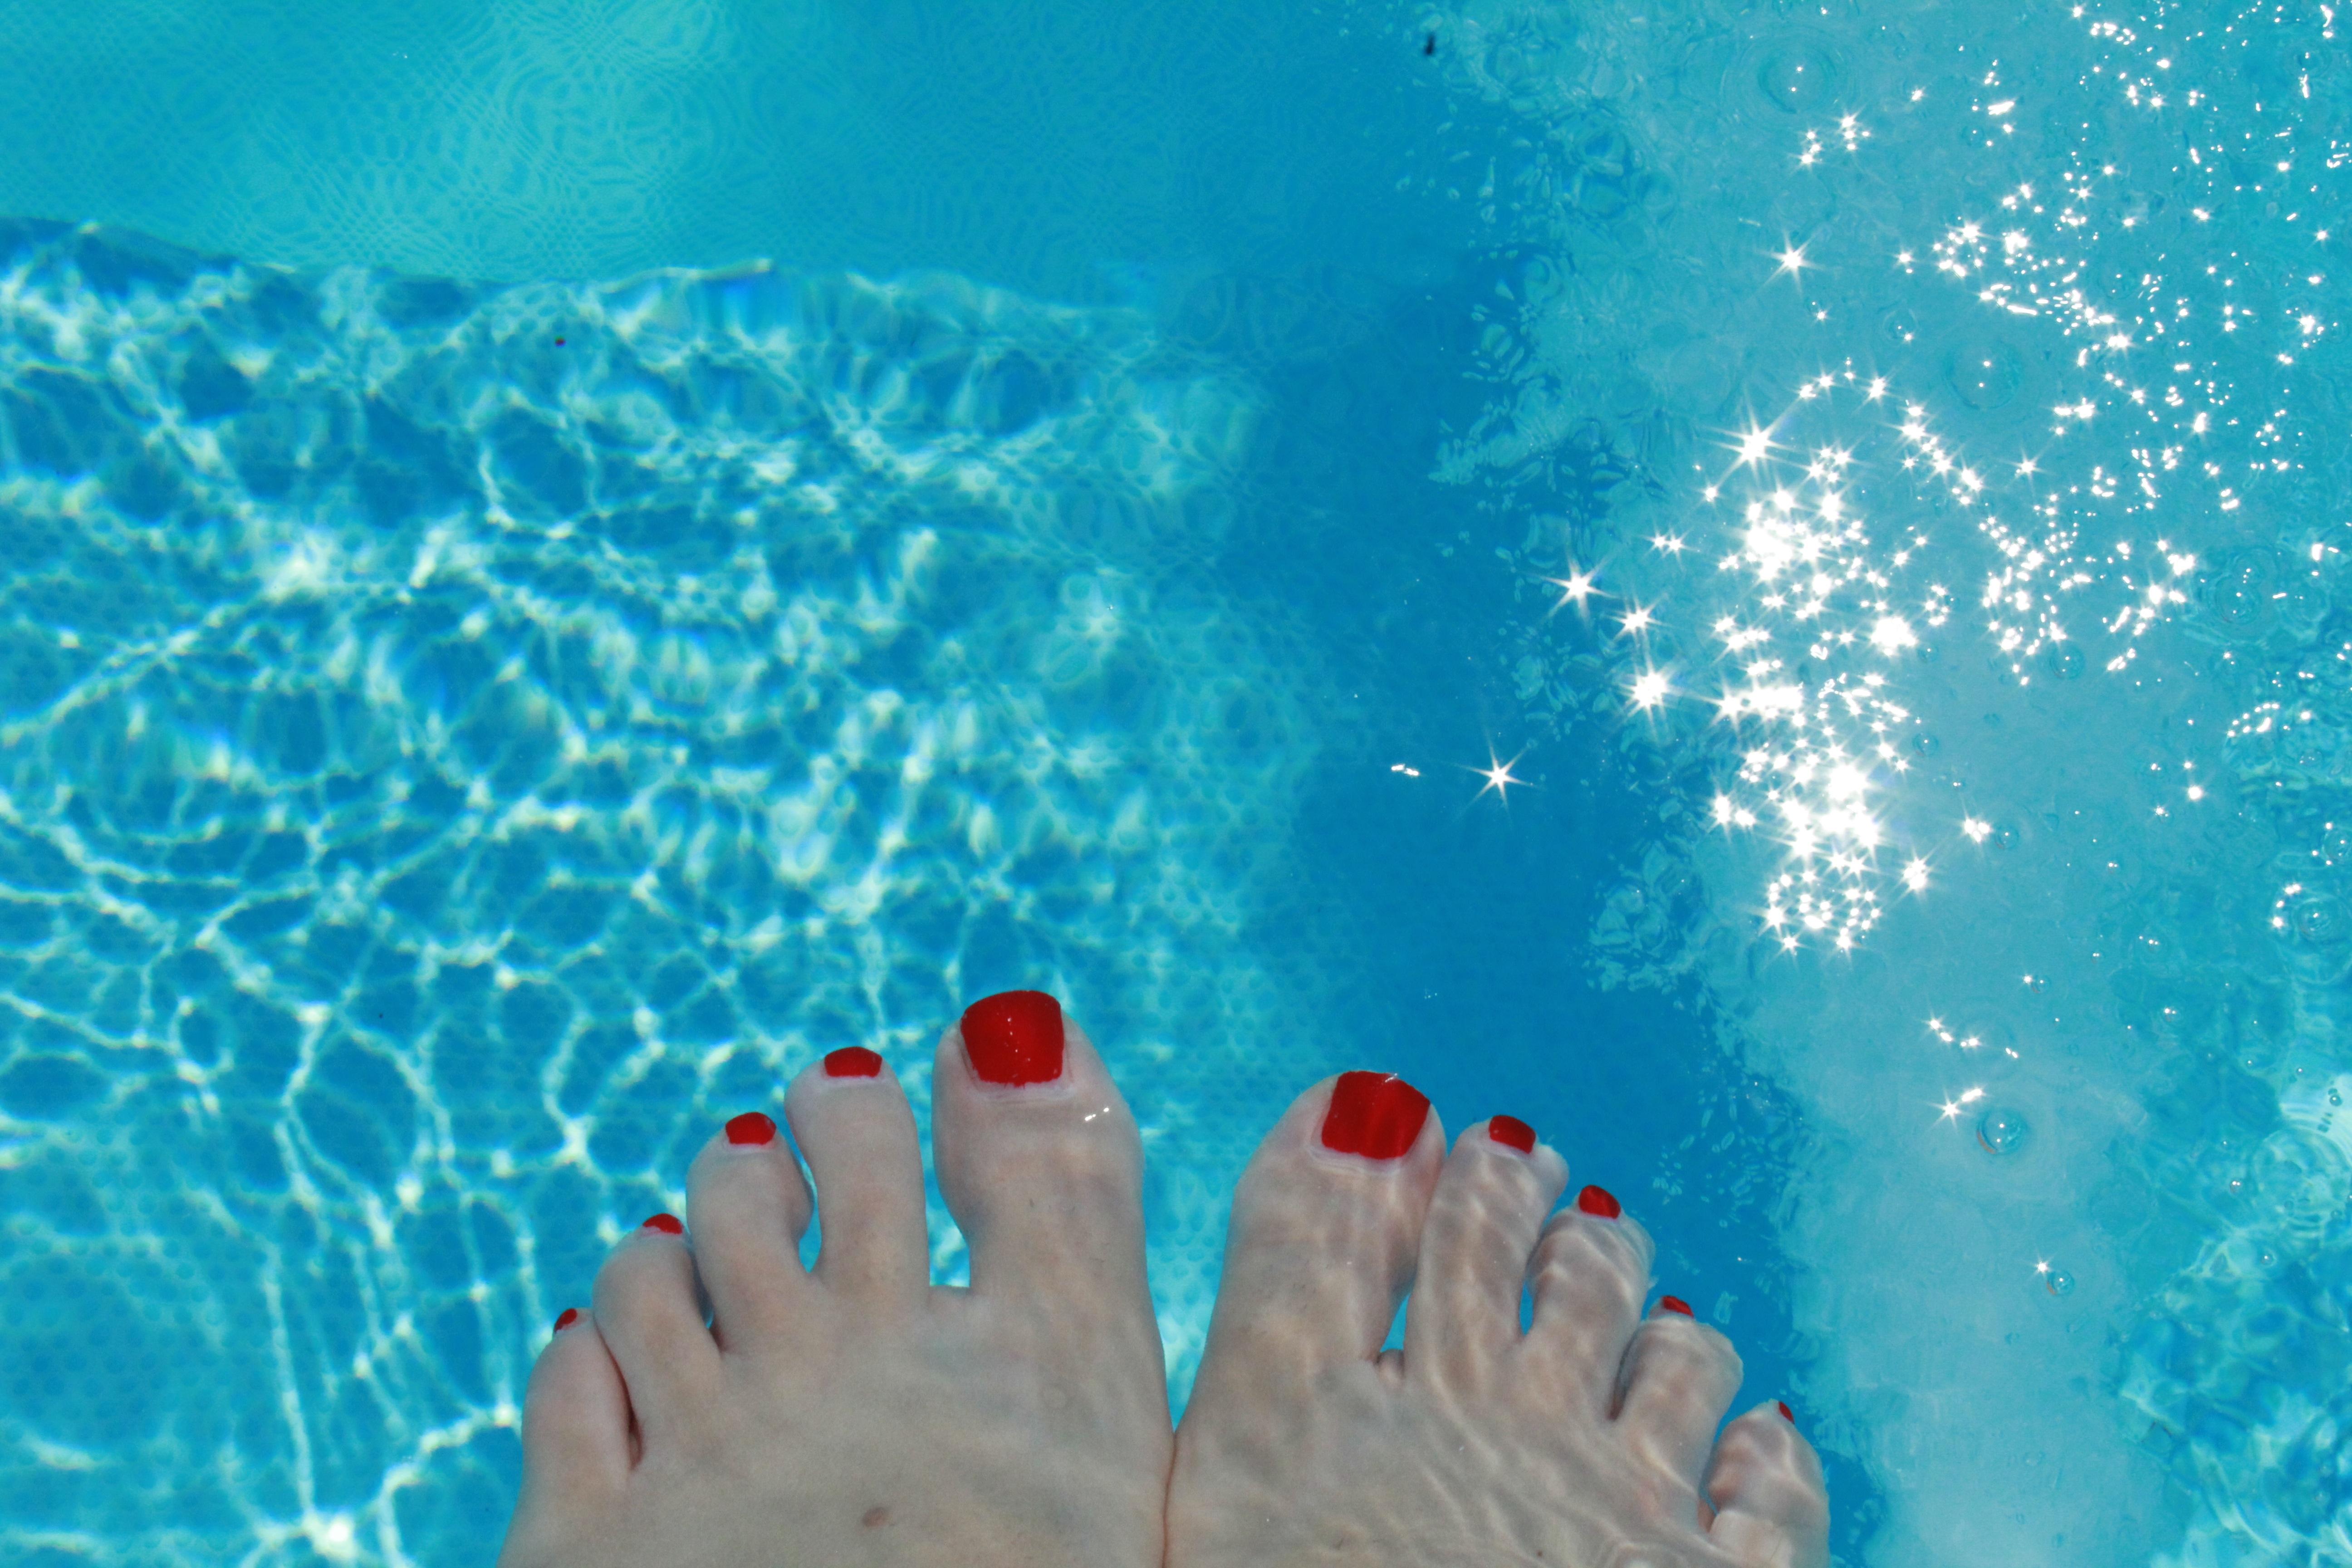 Картинки ног девушек в воде